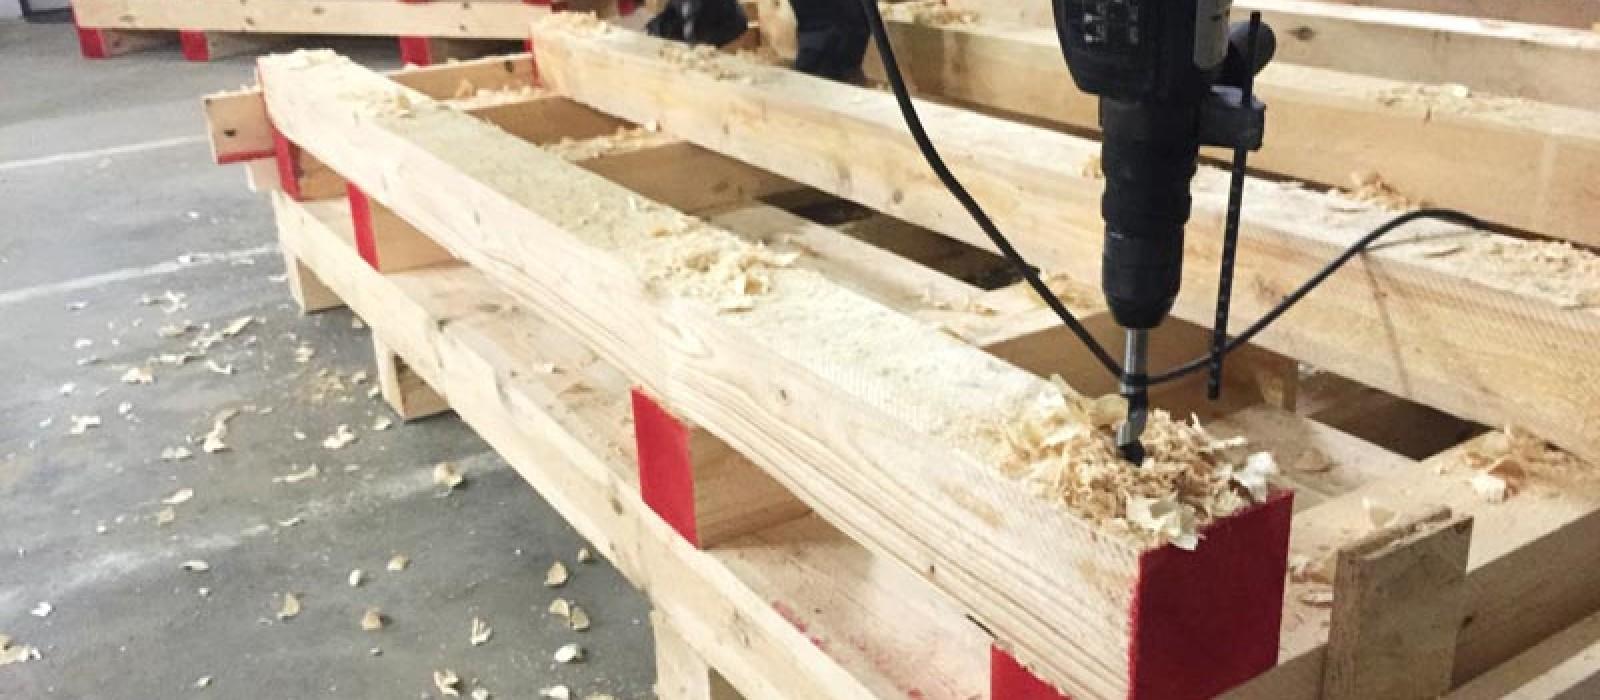 Schwerlastpalette-Produktion-Wipperfürth